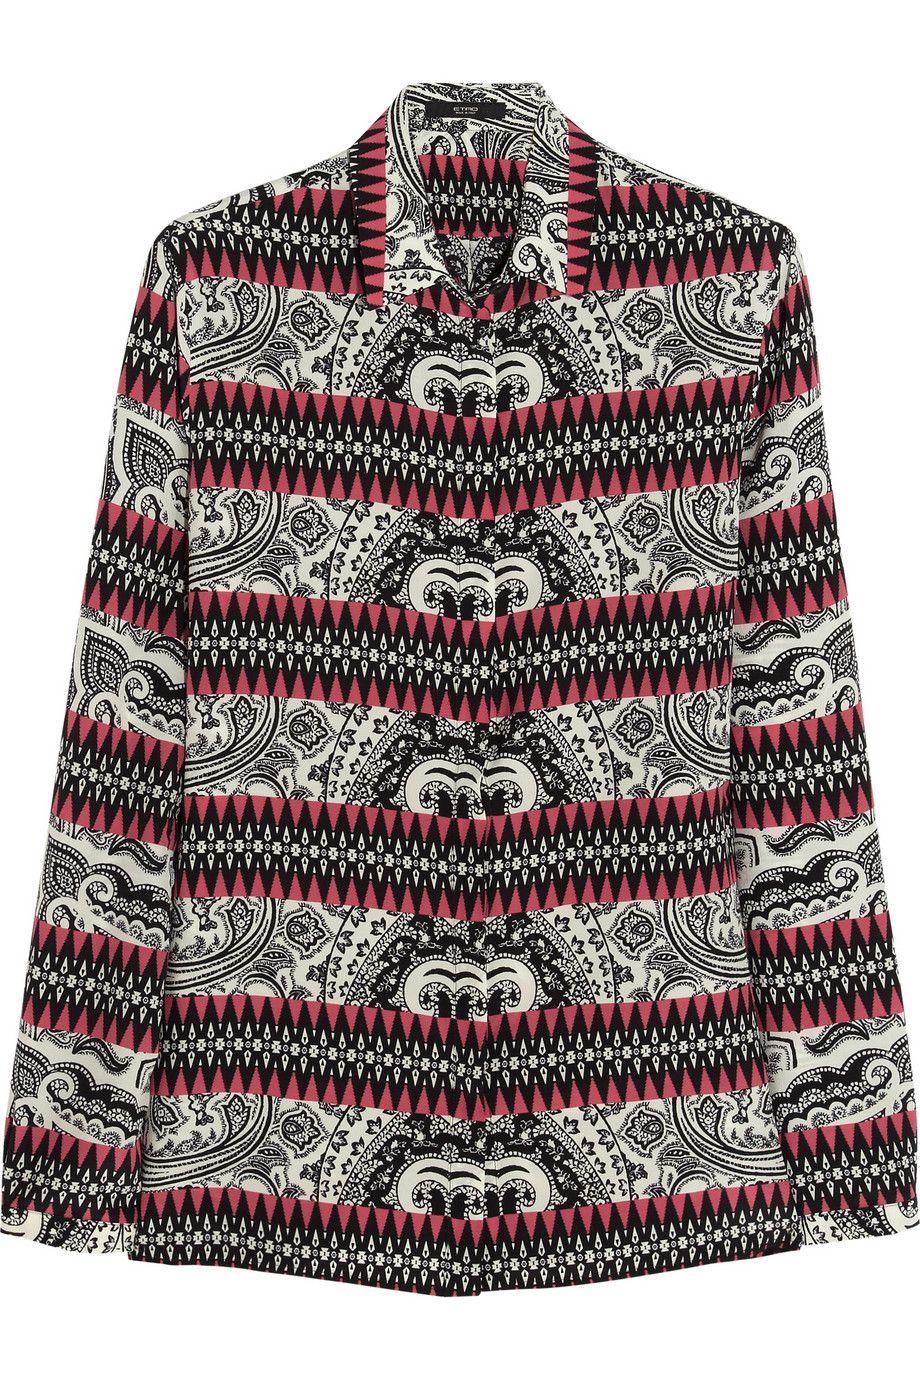 Etro|Printed silk-crepe shirt|NET-A-PORTER.COM